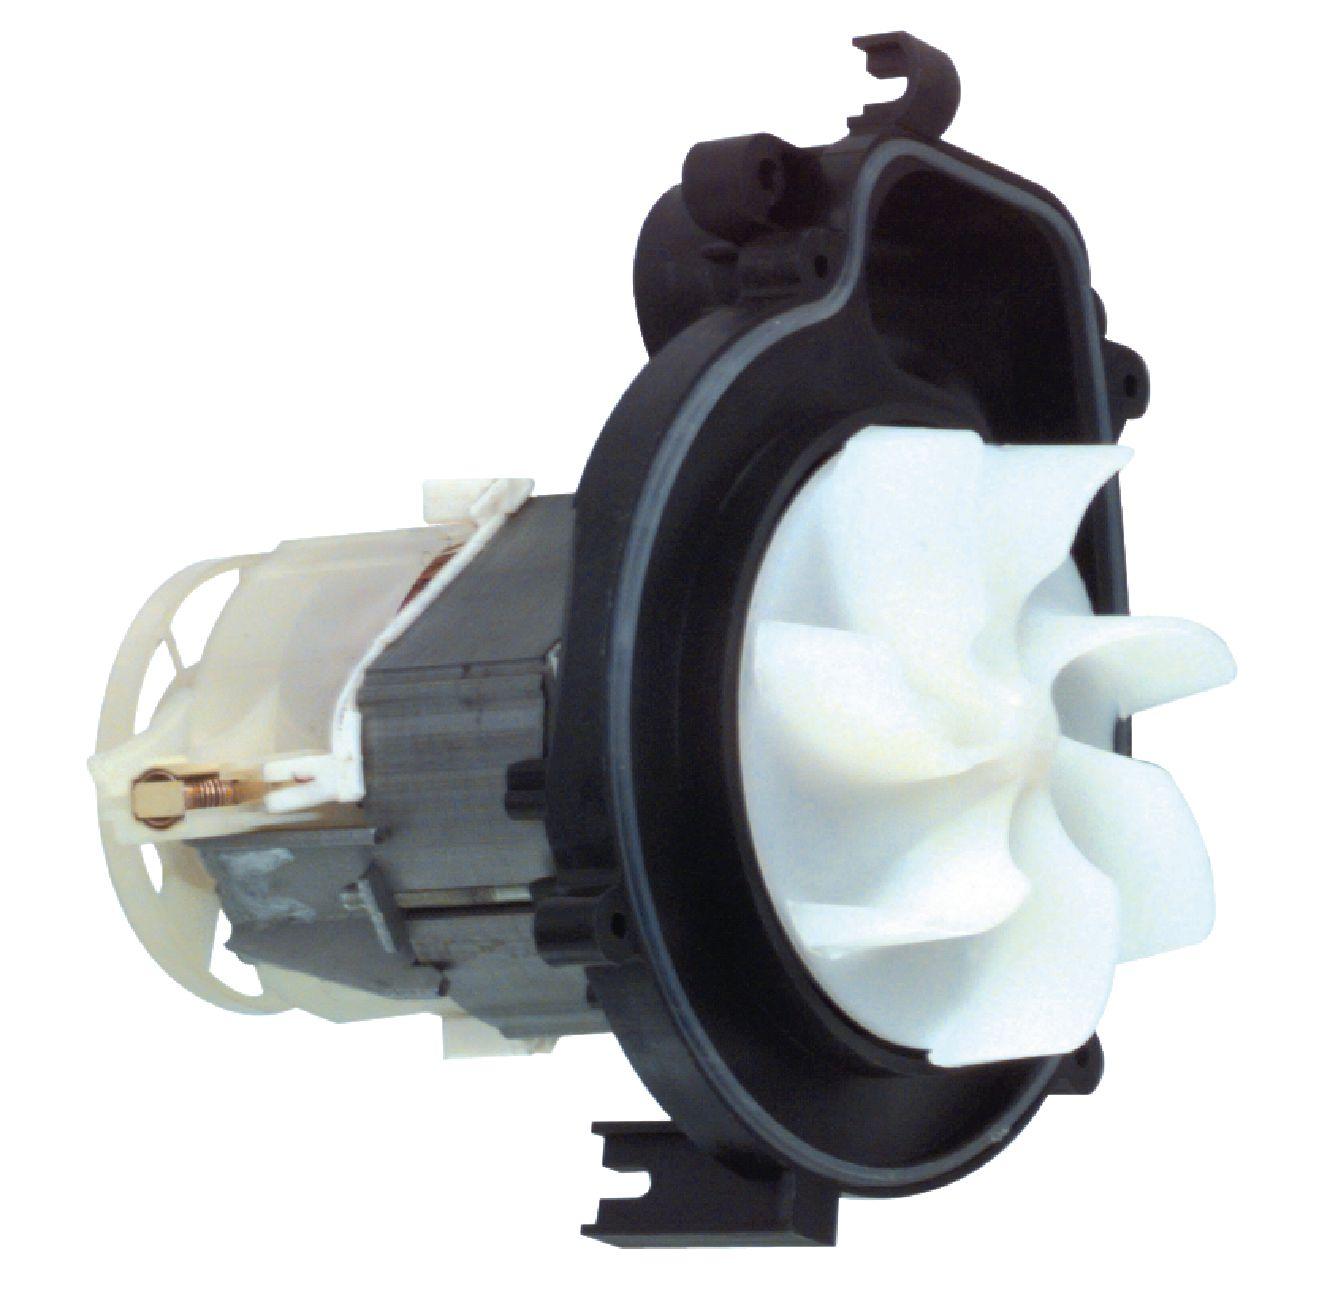 Motor pro vysavače Vorwerk typ VK120/121/122, W7-18519/A